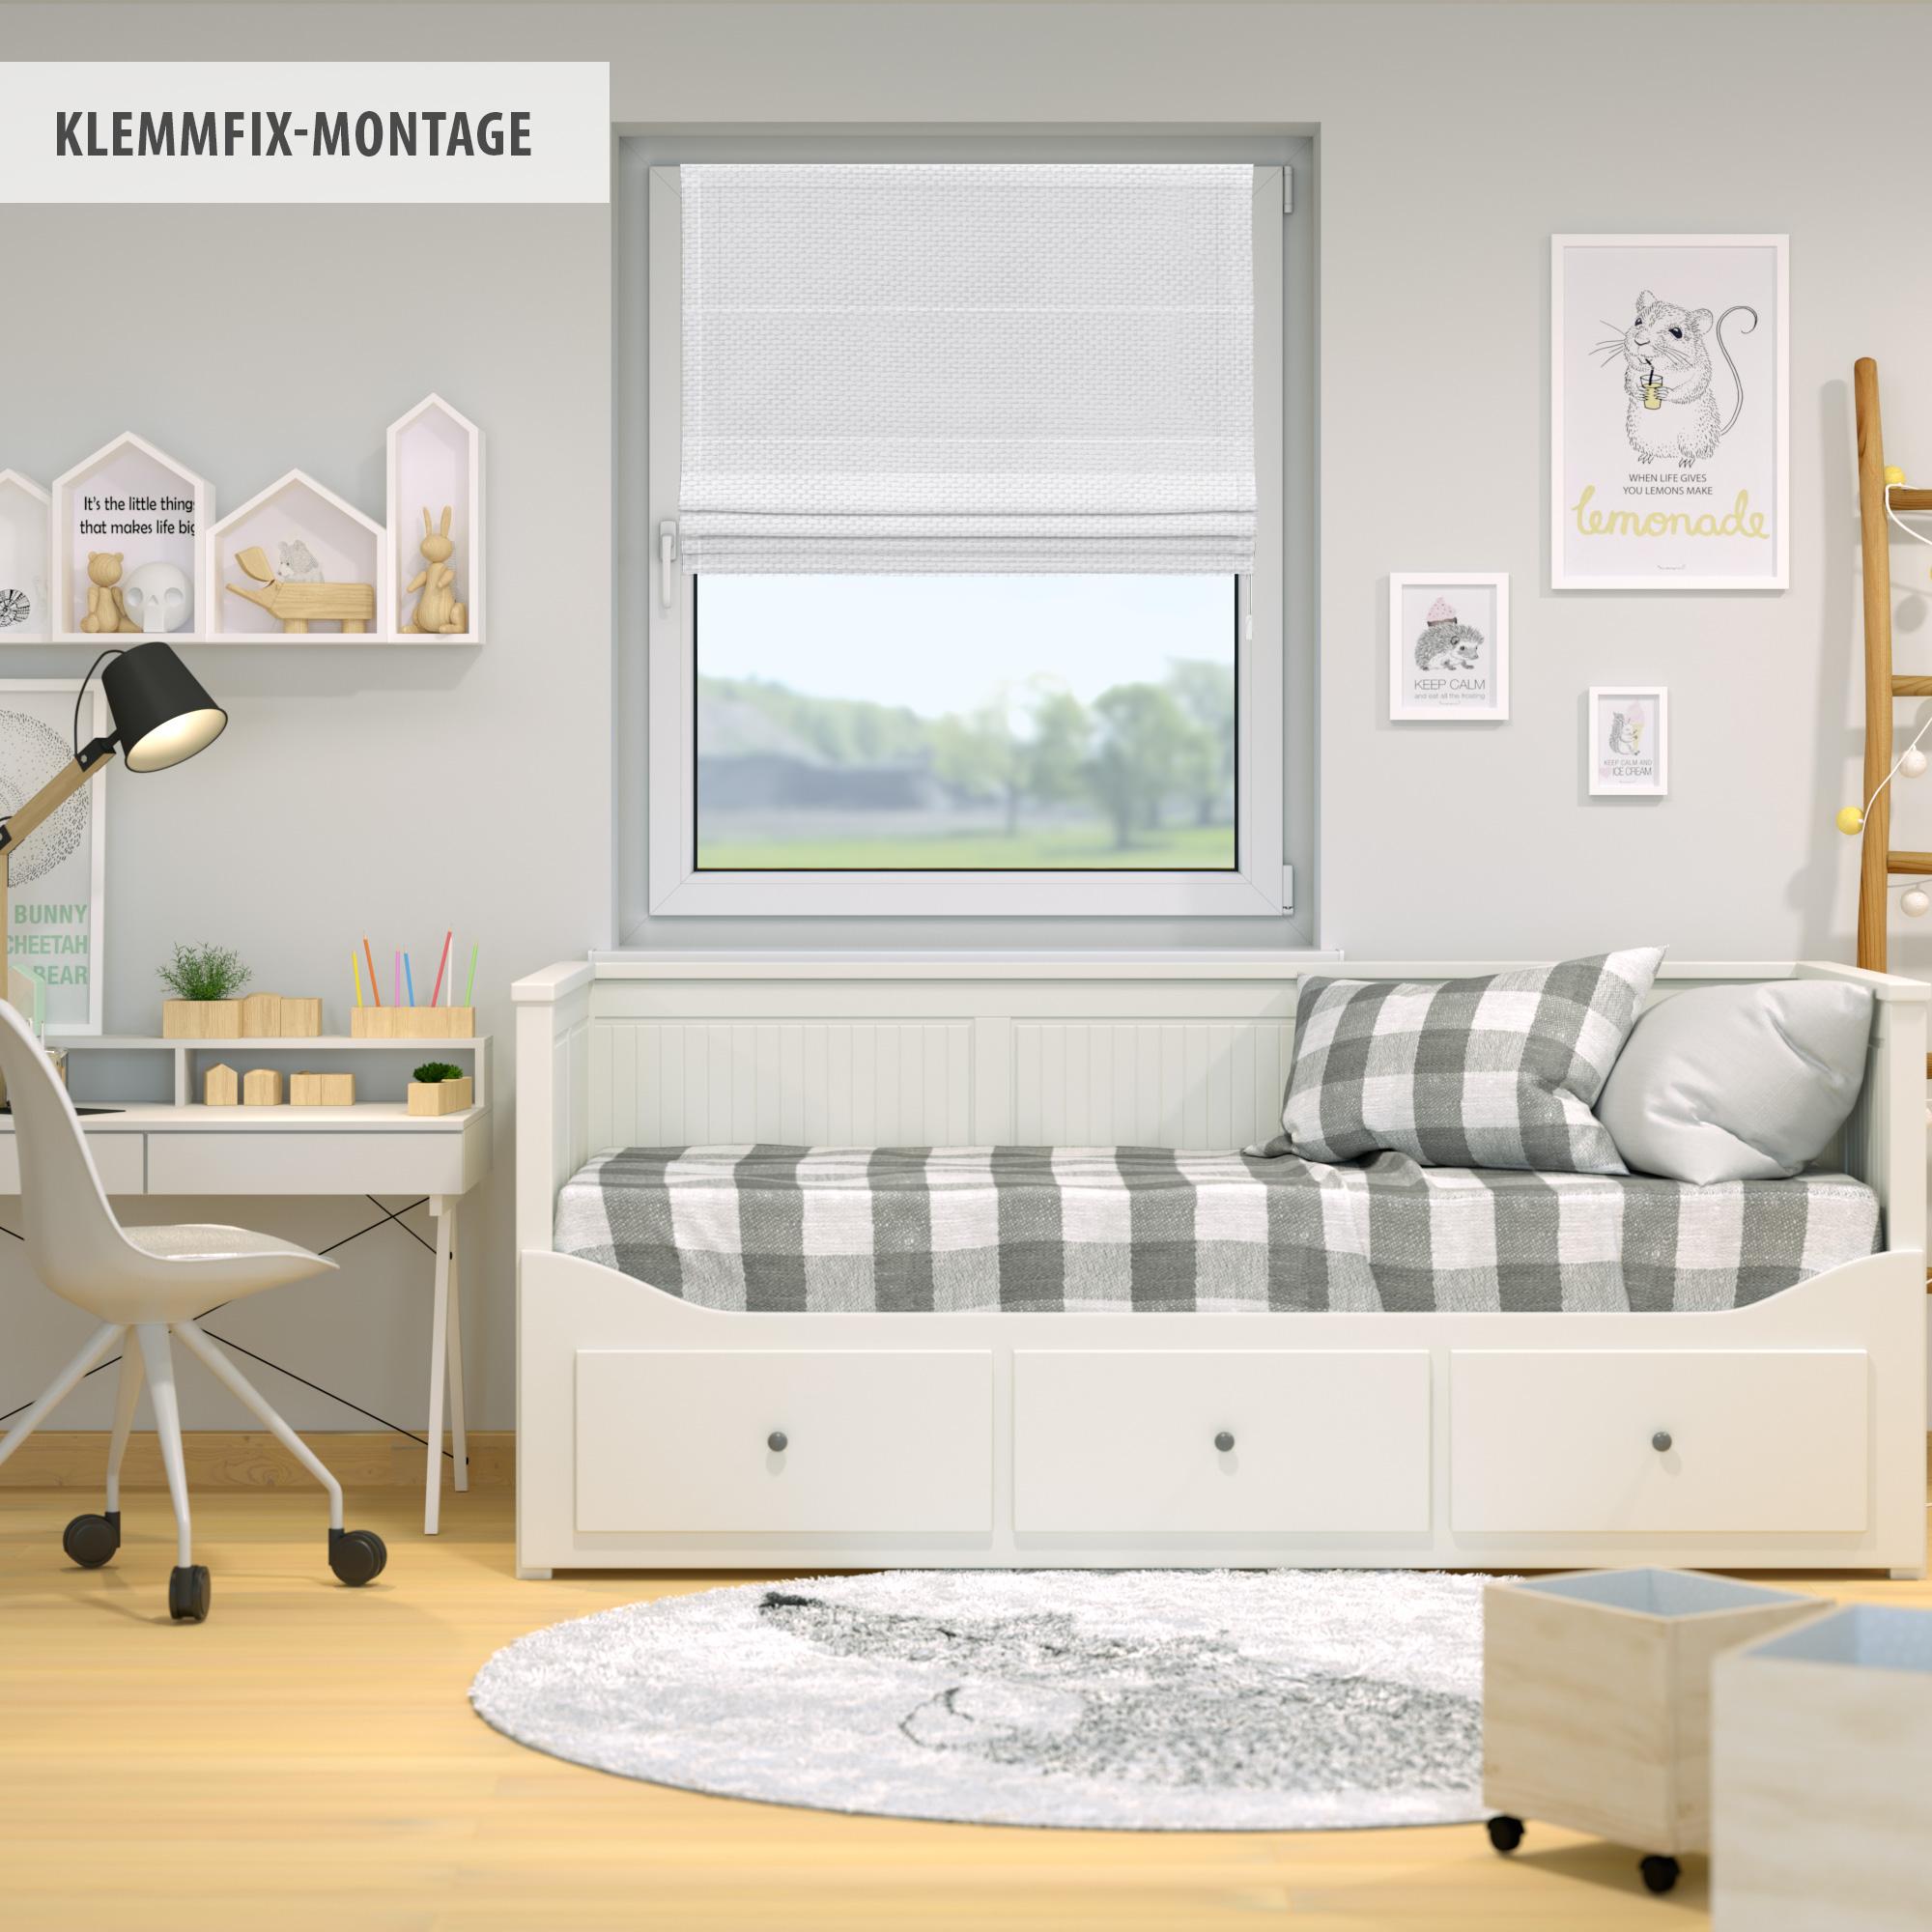 Indexbild 27 - Raffrollo-Faltrollo-Klemmfix-ohne-Bohren-Fenster-Raffgardine-Gardine-VICTORIA-M